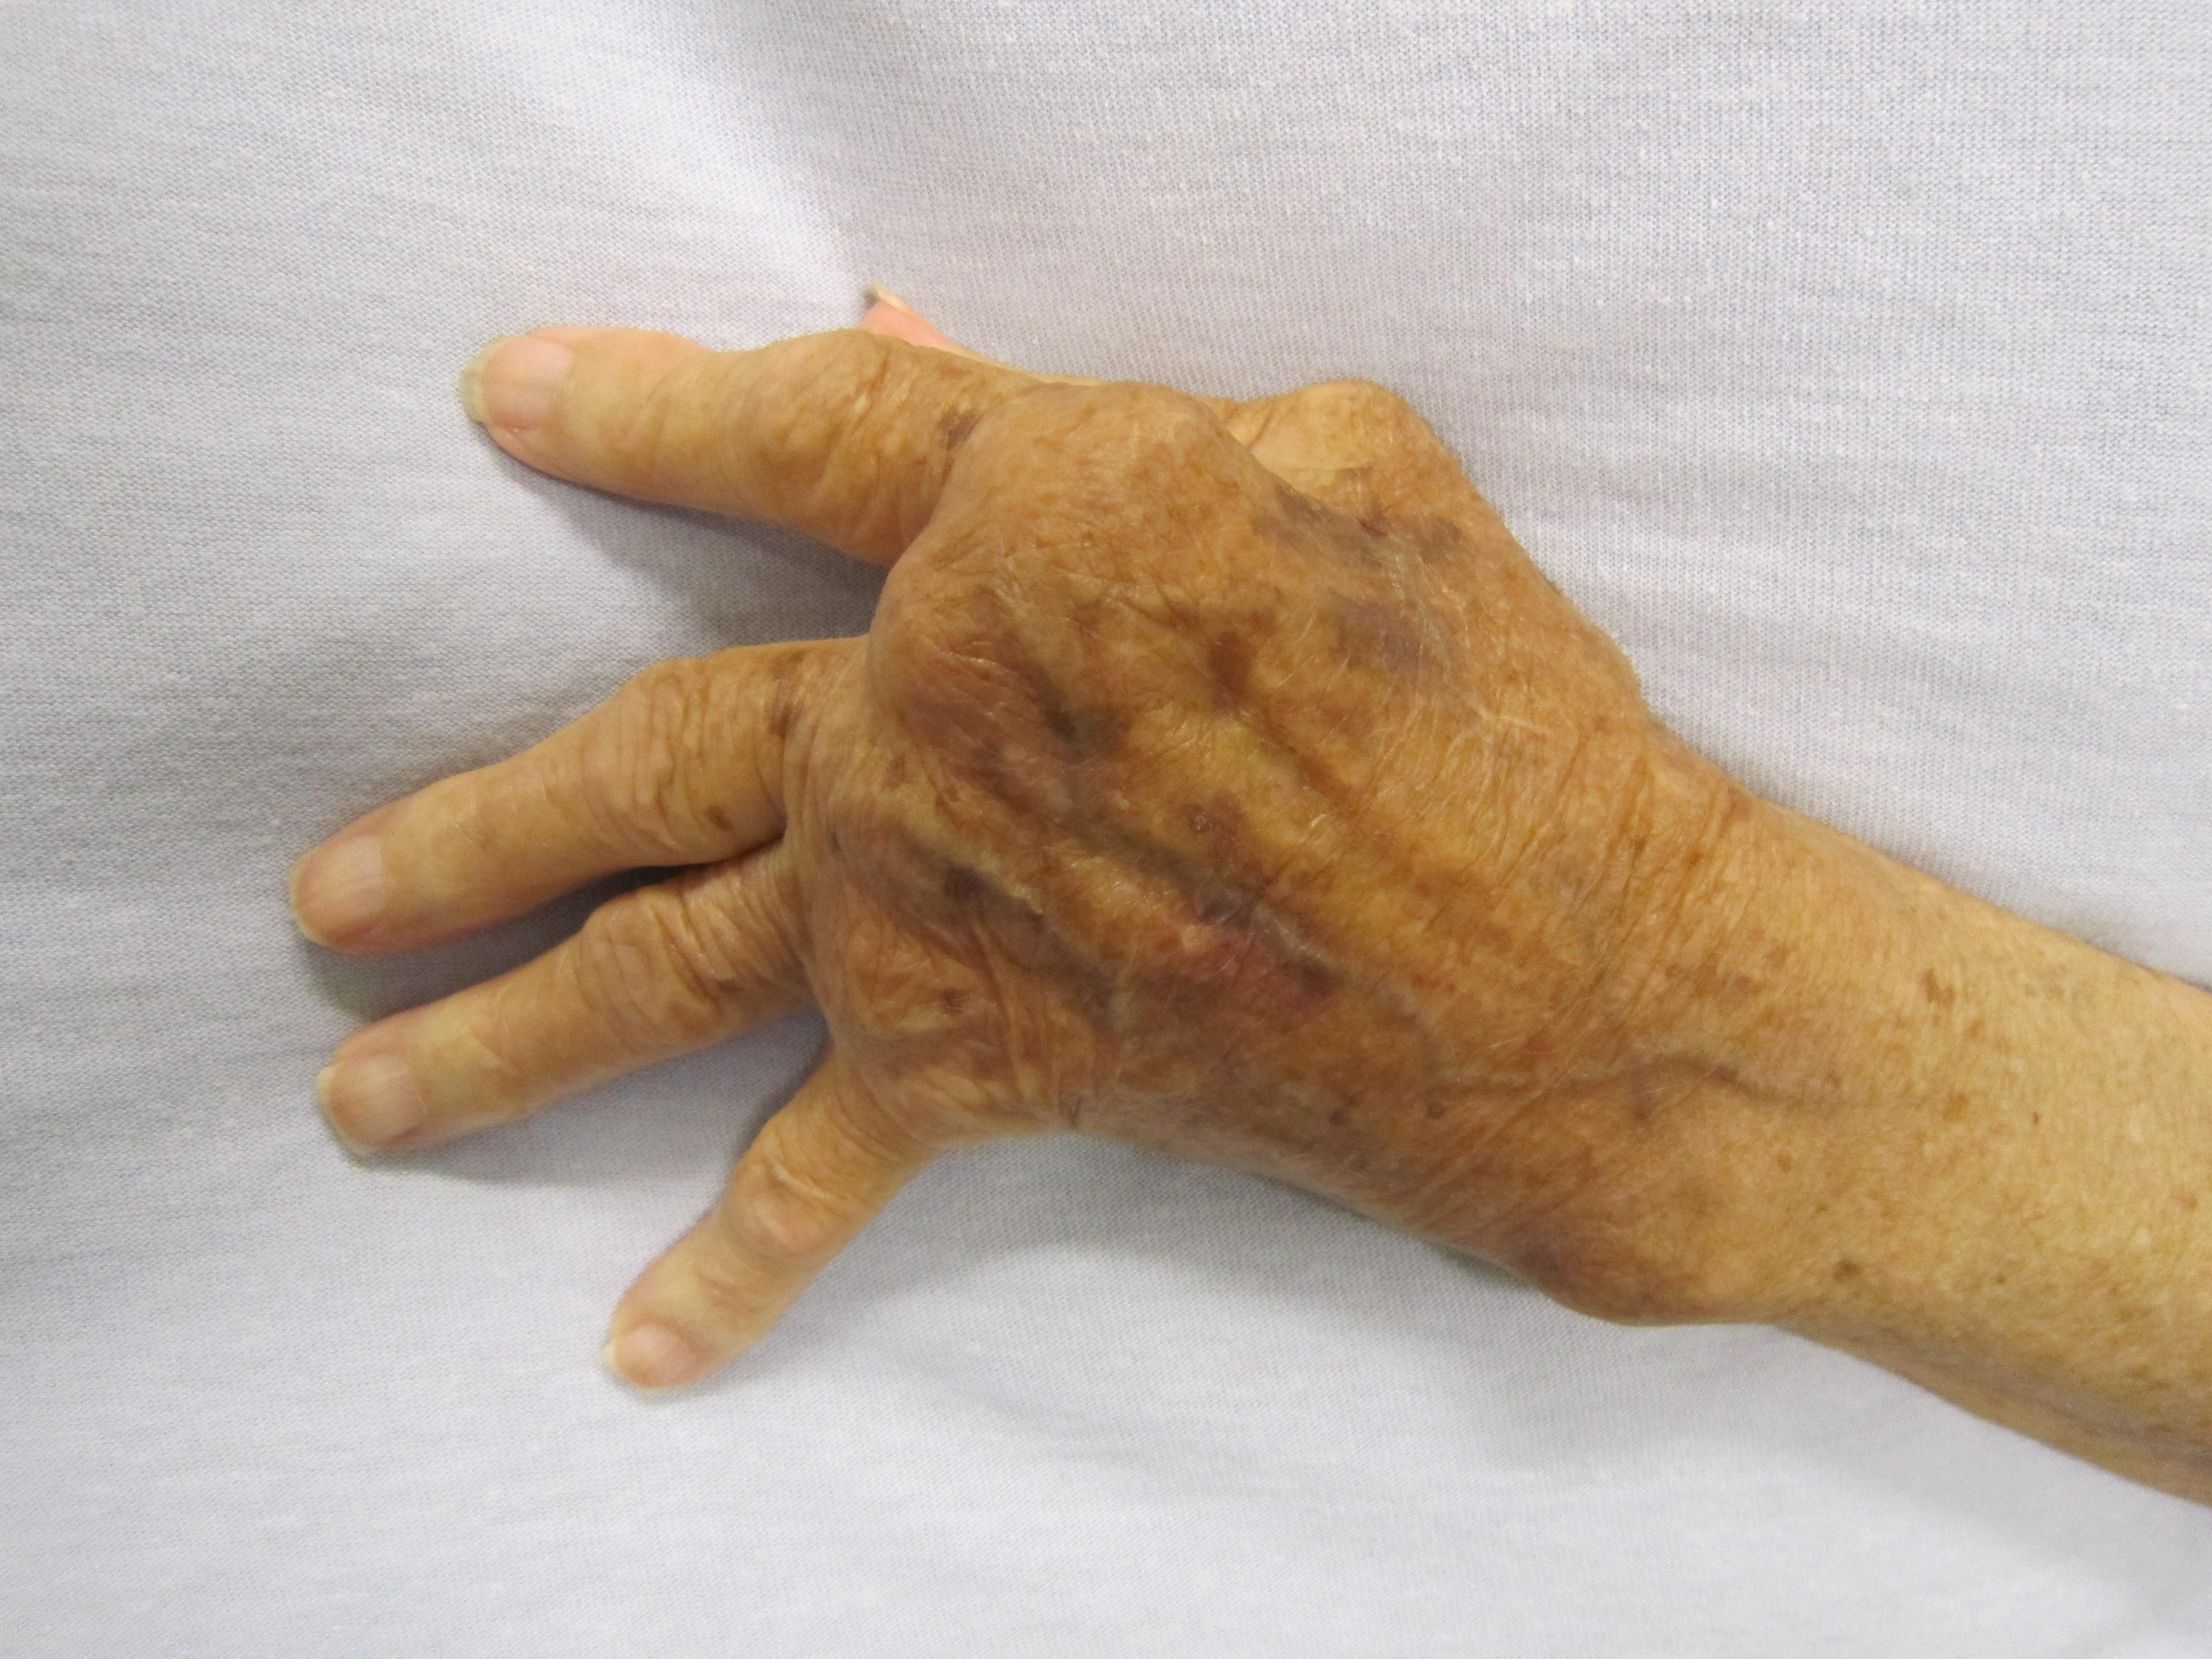 térd artritisz betegség hogyan kezeljük a térd bursitist